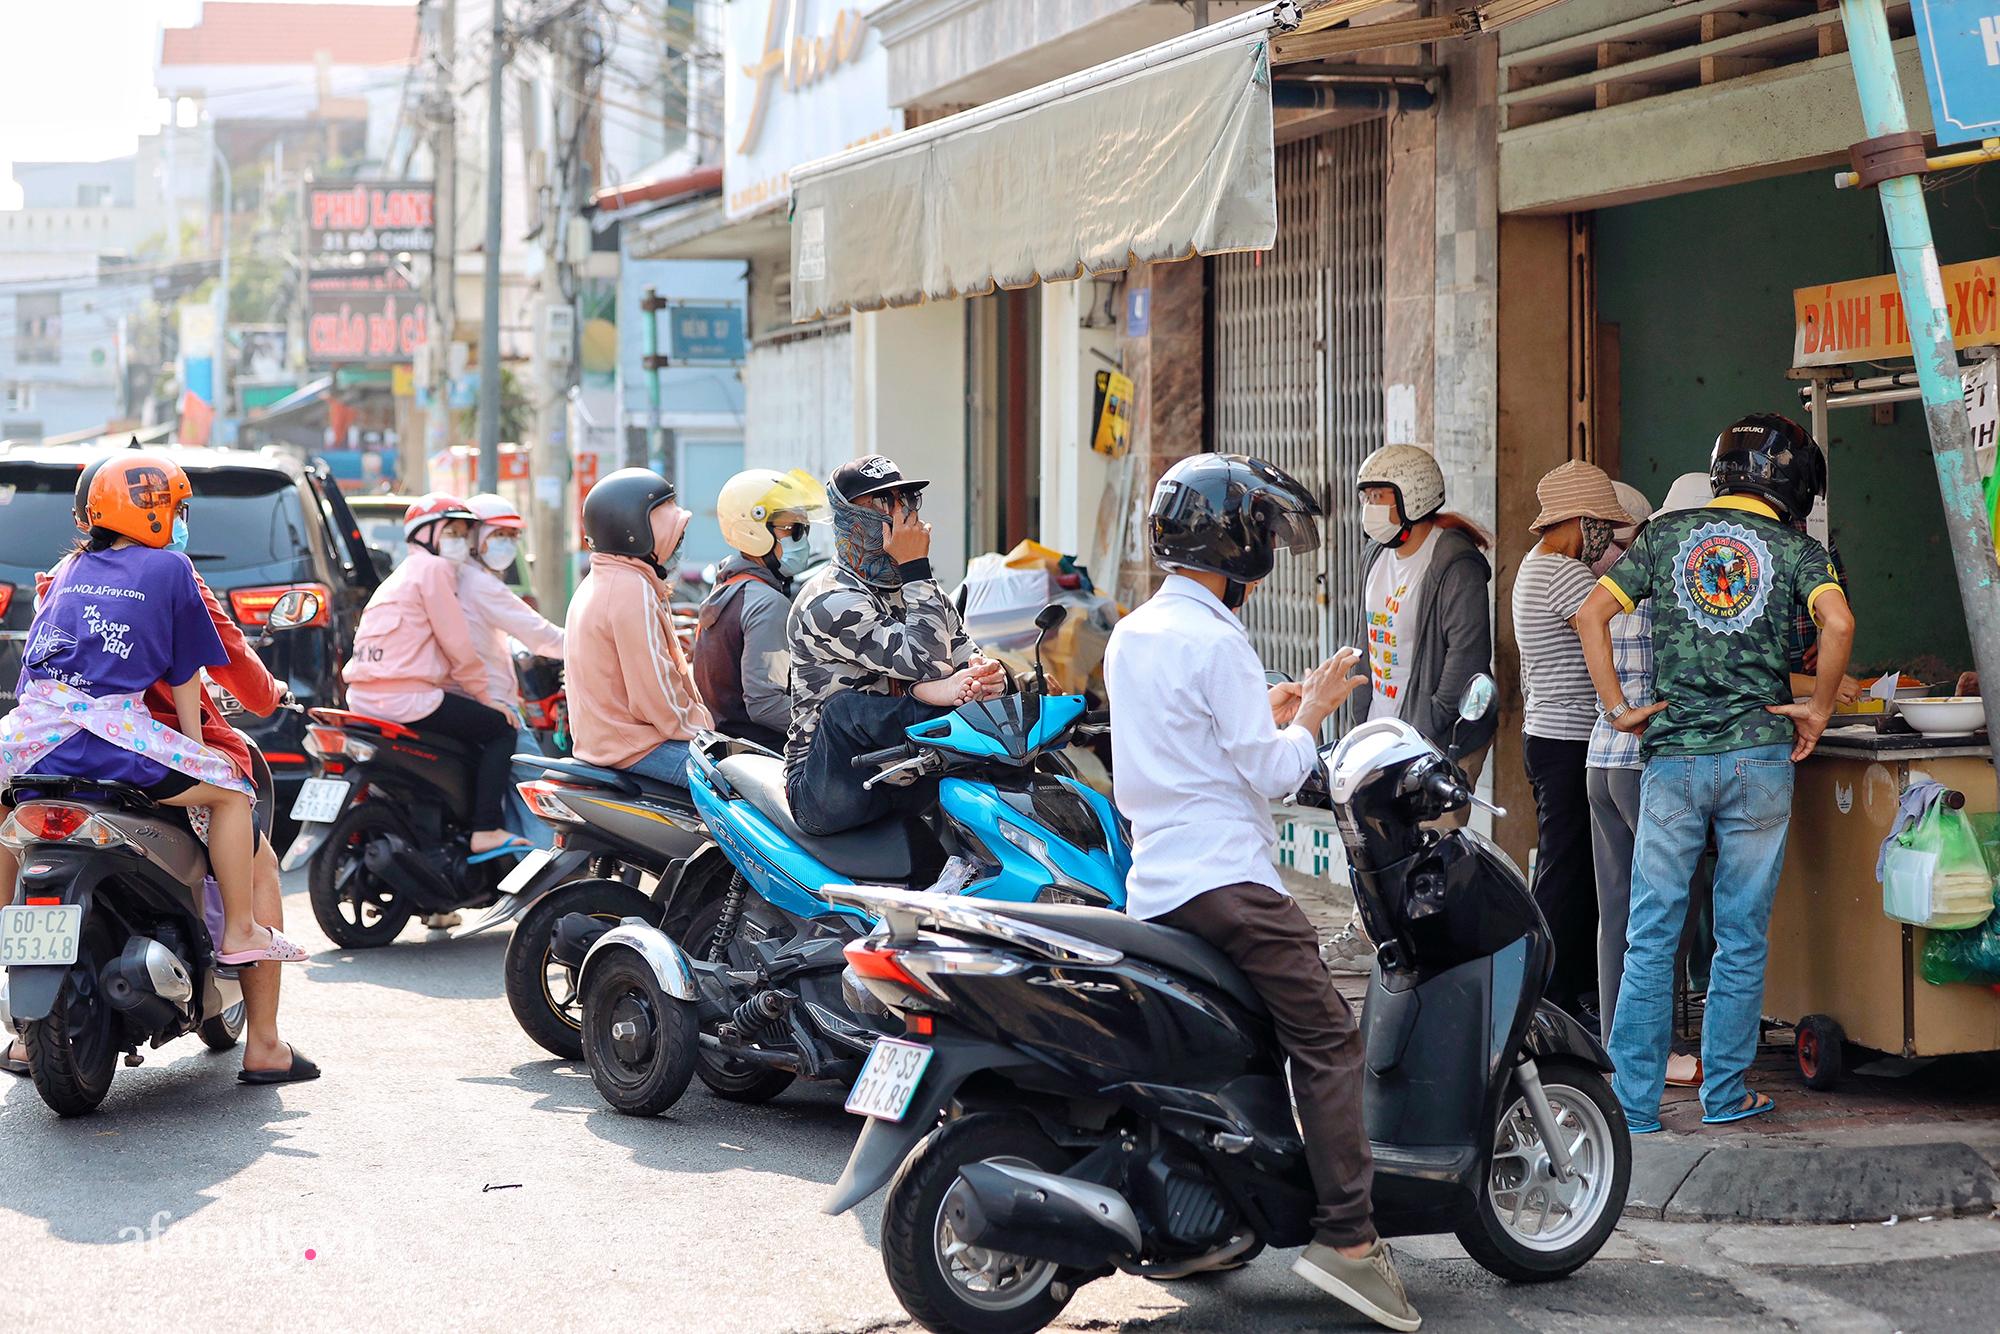 """Hàng bánh tiêu """"CHẢNH"""" nhất Việt Nam - """"mua được hay không là do nhân phẩm"""", dù chưa kịp mở cửa đã chính thức hết bánh khiến cả Vũng Tàu tới Sài Gòn phải xôn xao! - Ảnh 1."""